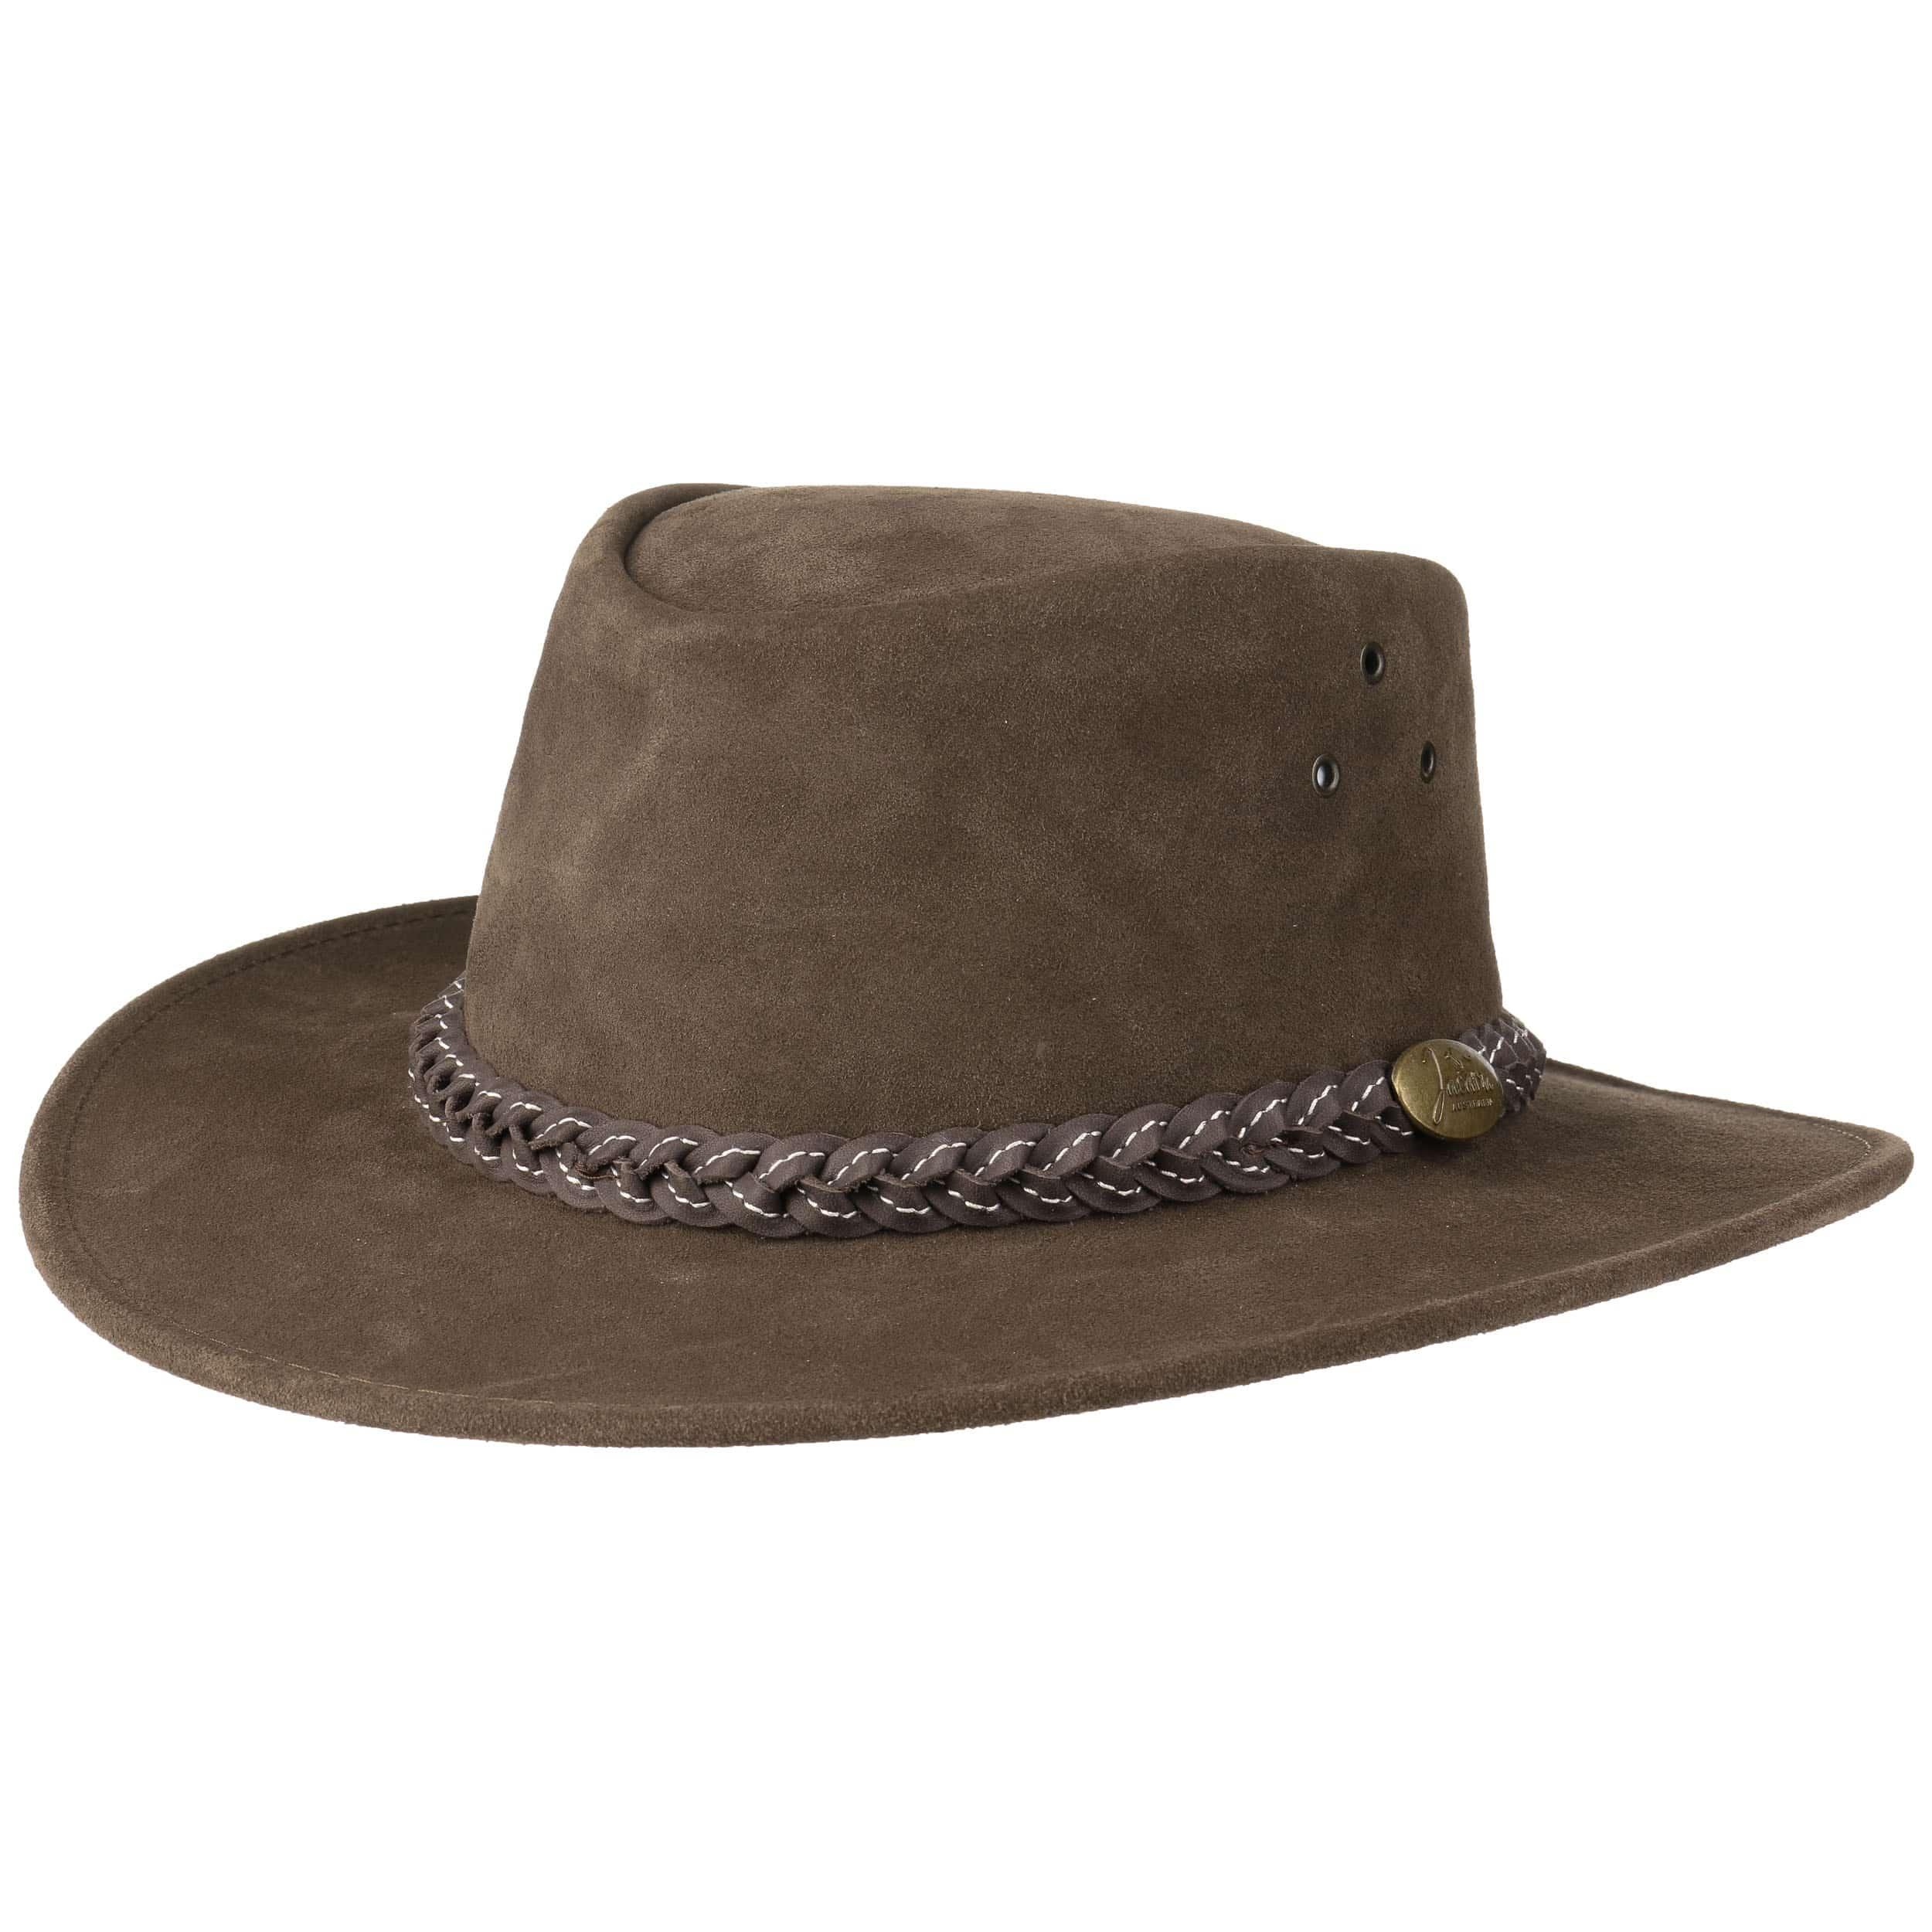 Sombrero de Piel Wallaroo Suede by Jacaru - Sombreros - sombreroshop.es 1304e7e4f07